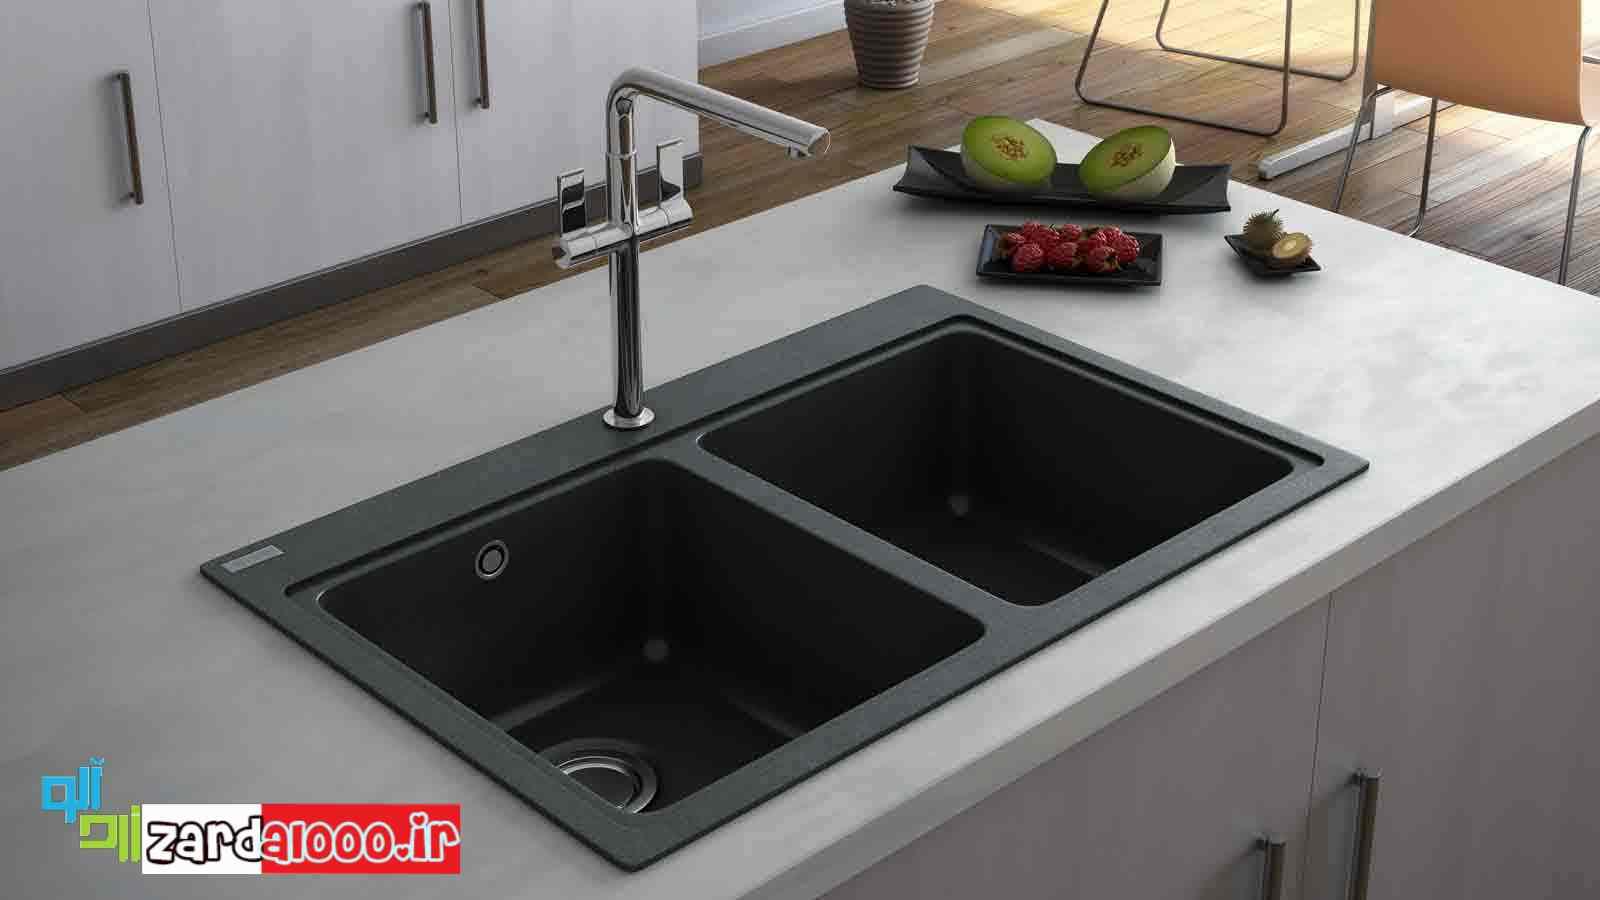 انواع سینکهای ظرفشویی - فروش سینک - خرید اینترنتی سینک ظرفشویی